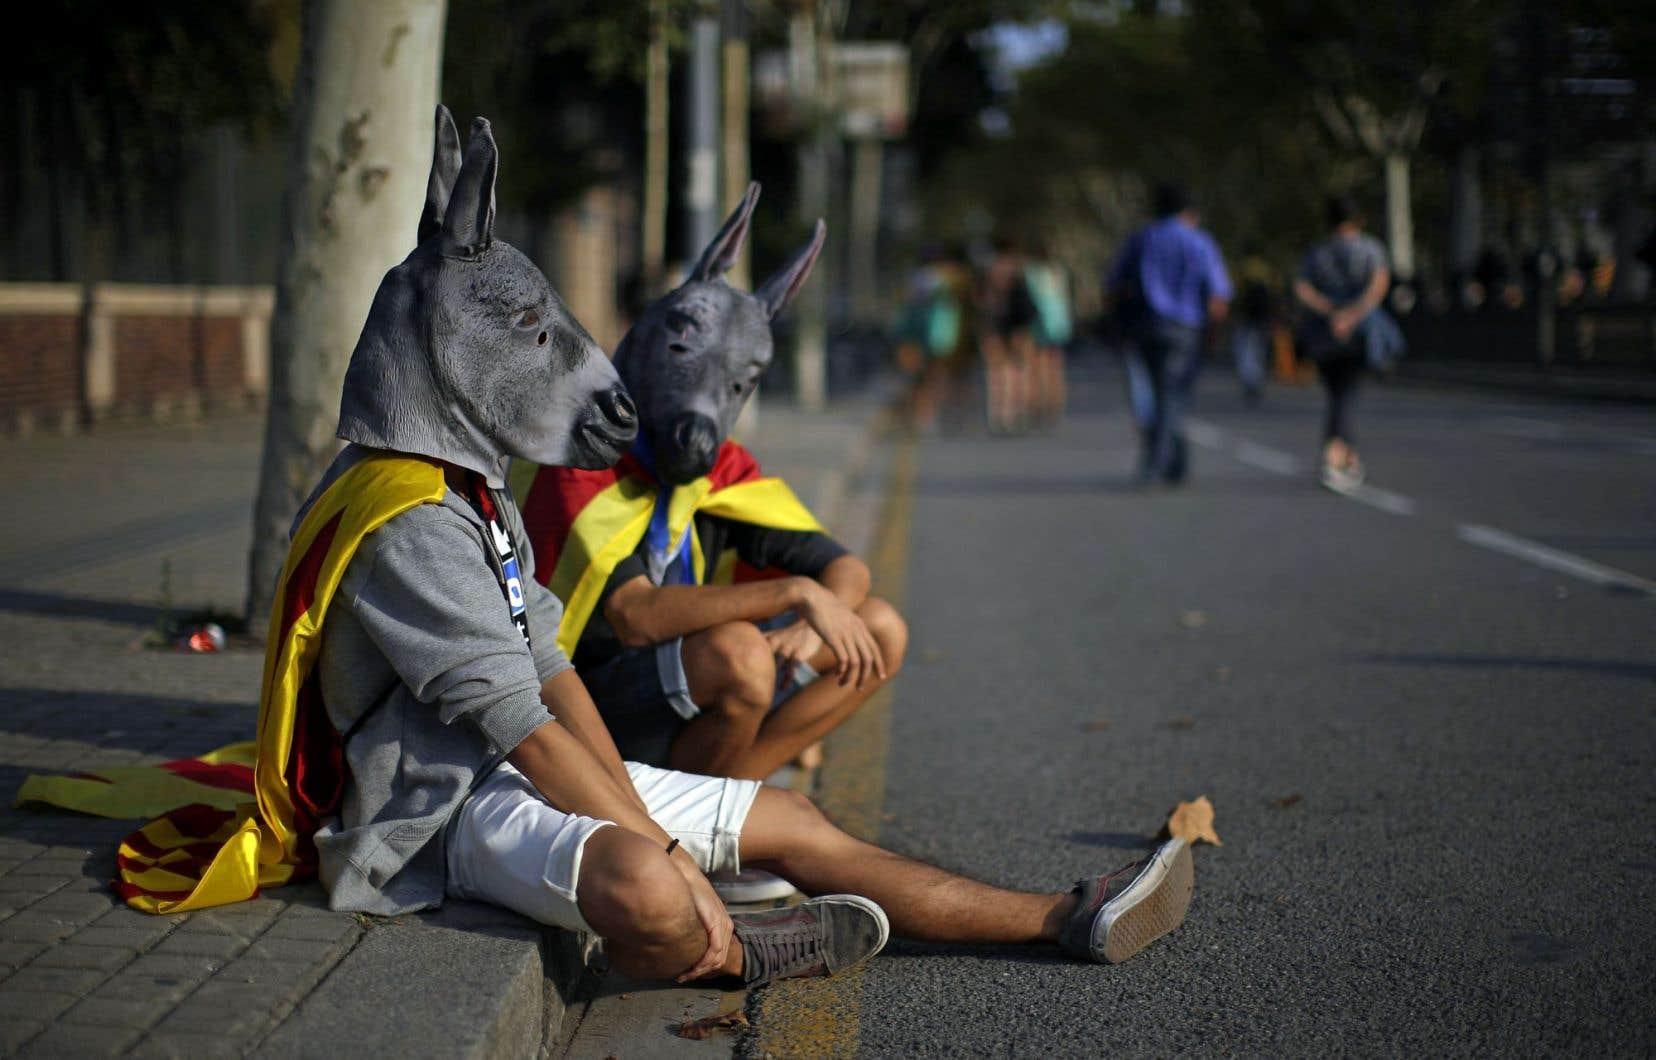 Des milliers de personnes sont descendues dans les rues de Barcelone, jeudi, en soutien au gouvernement de la Catalogne.